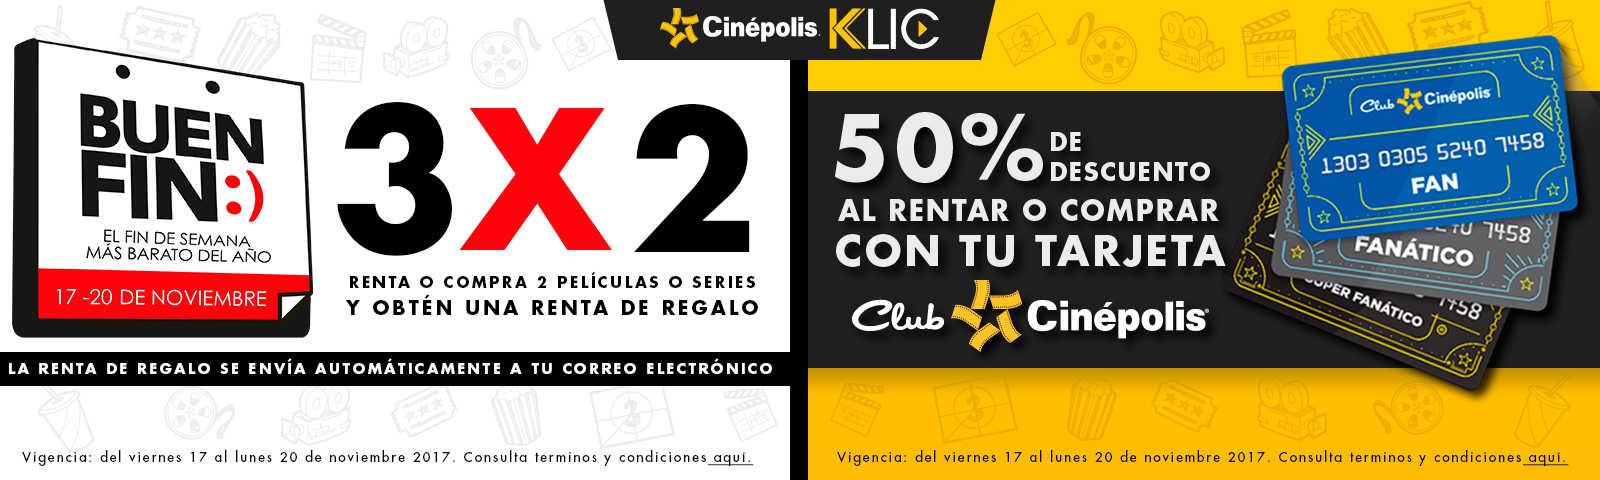 Ofertas El Buen Fin 2017 Cinepolis Klic